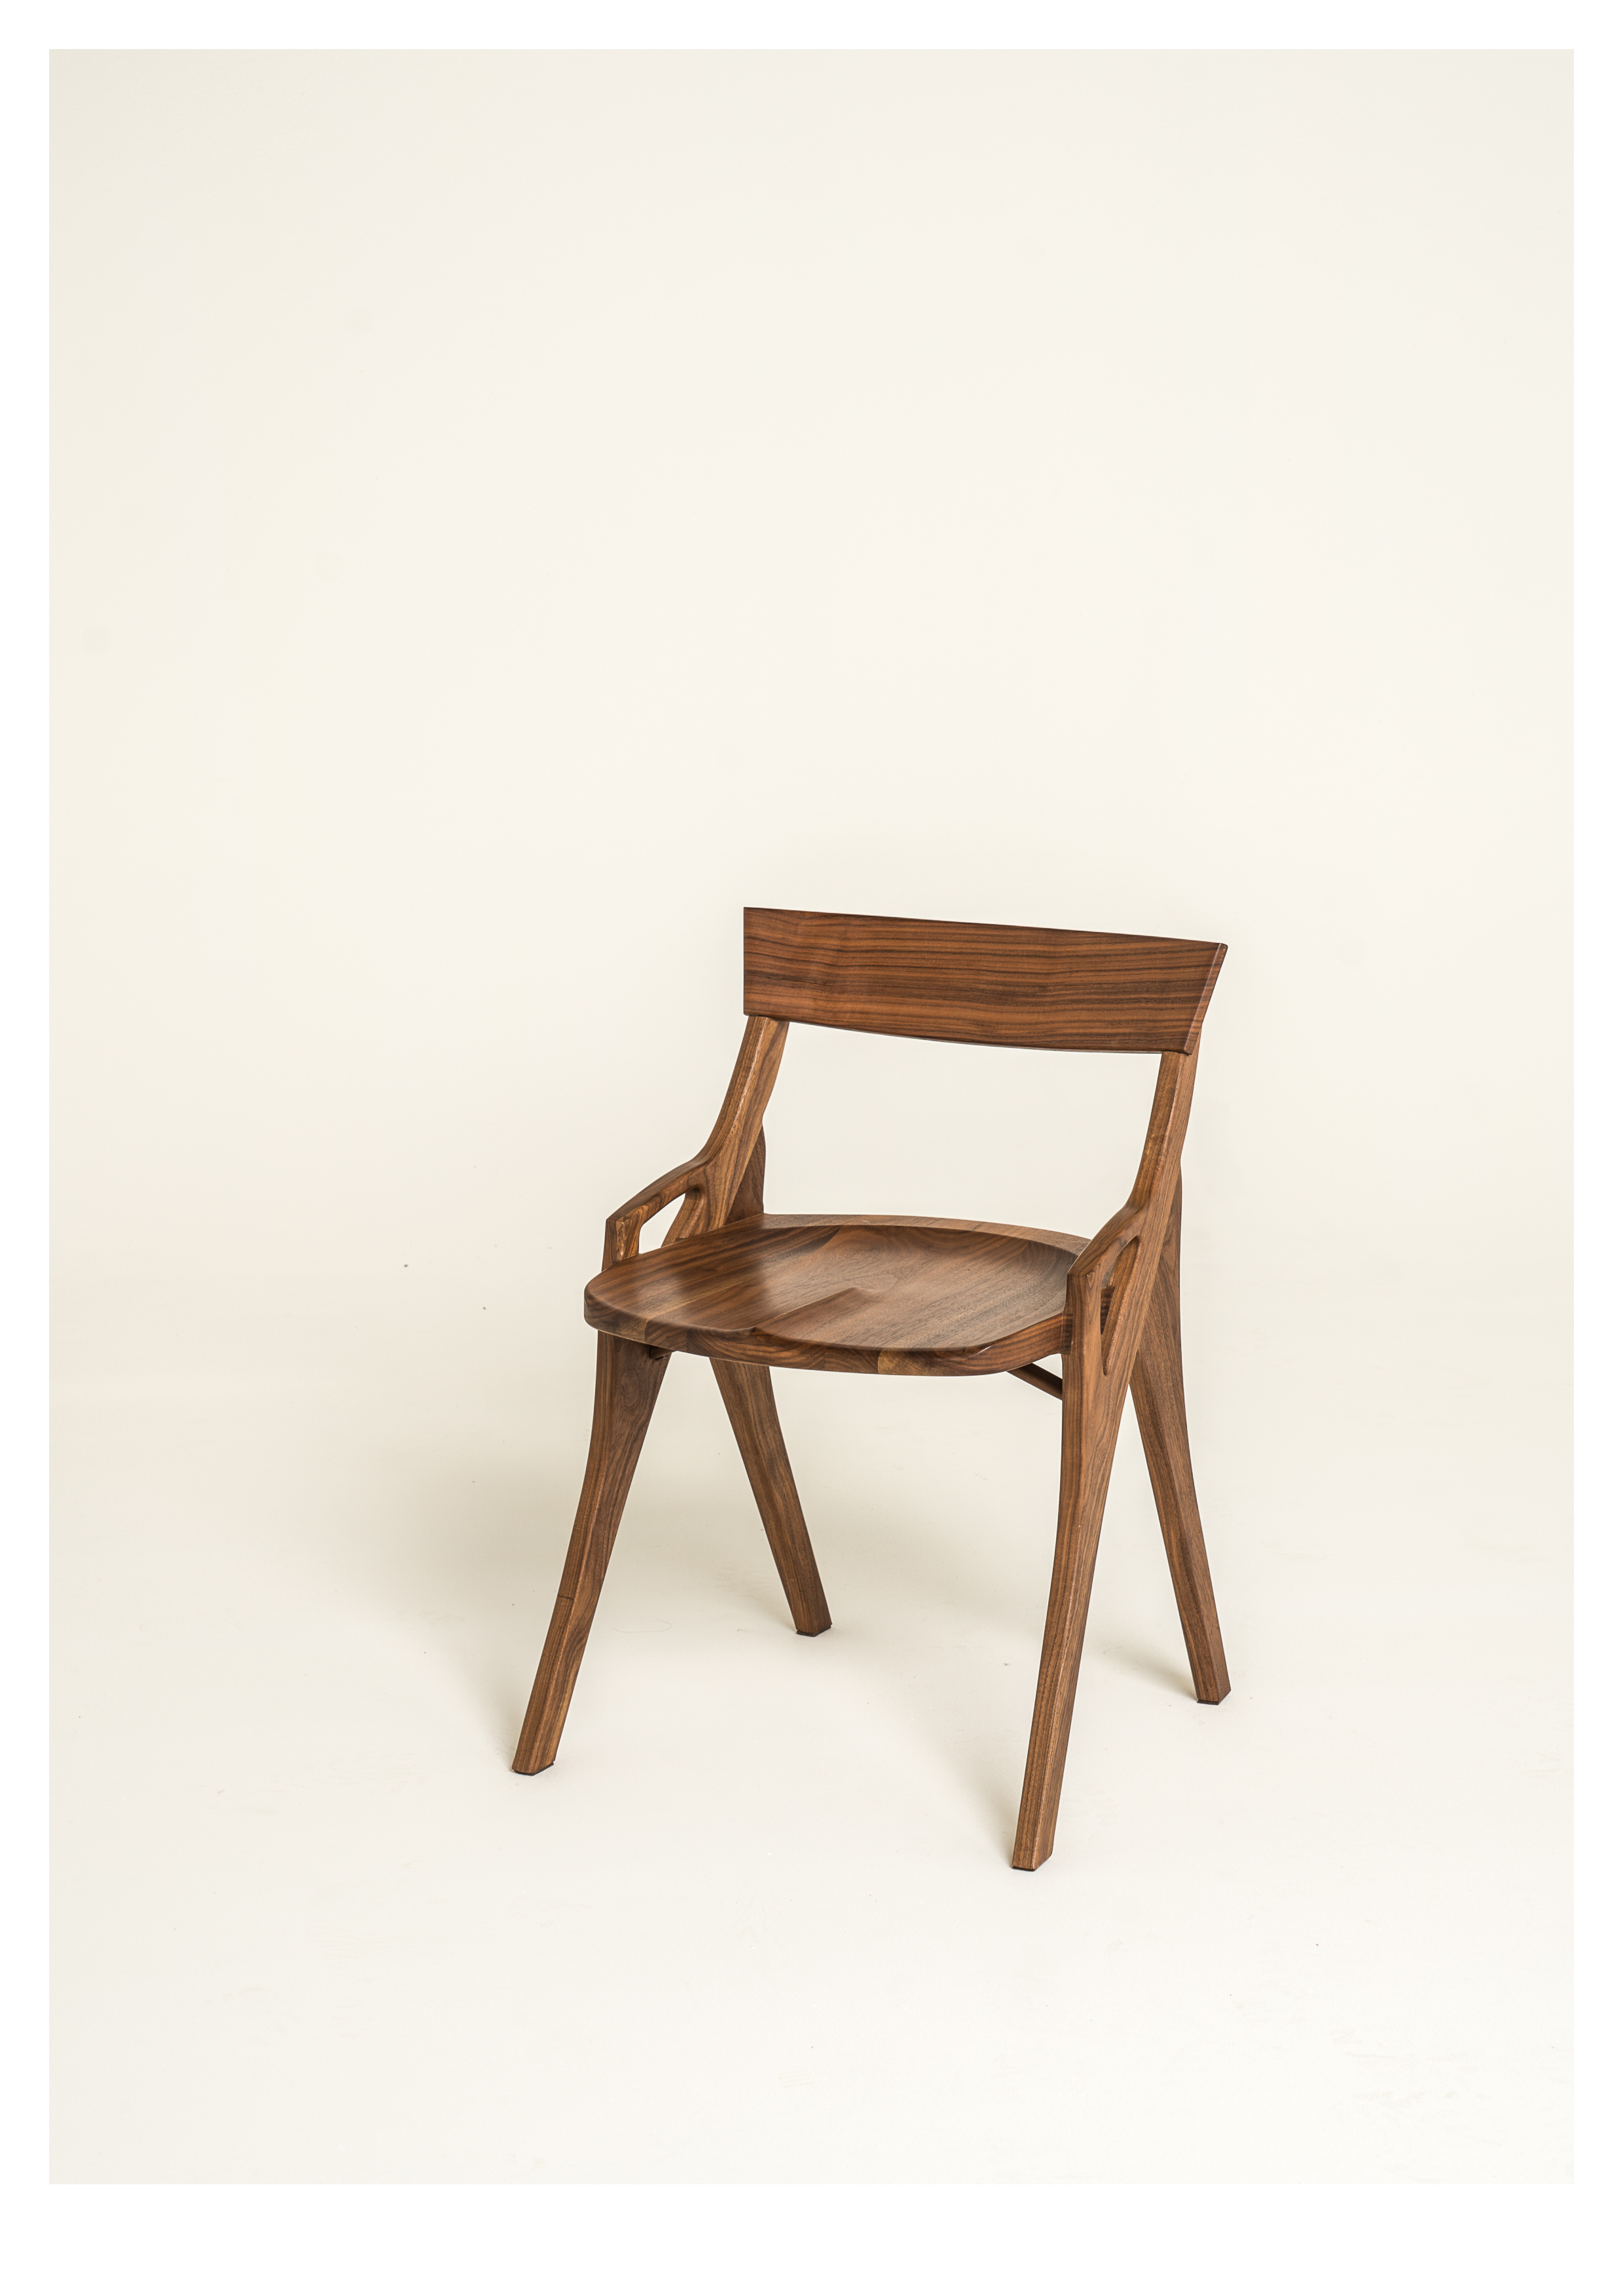 Totaal stoel .jpg